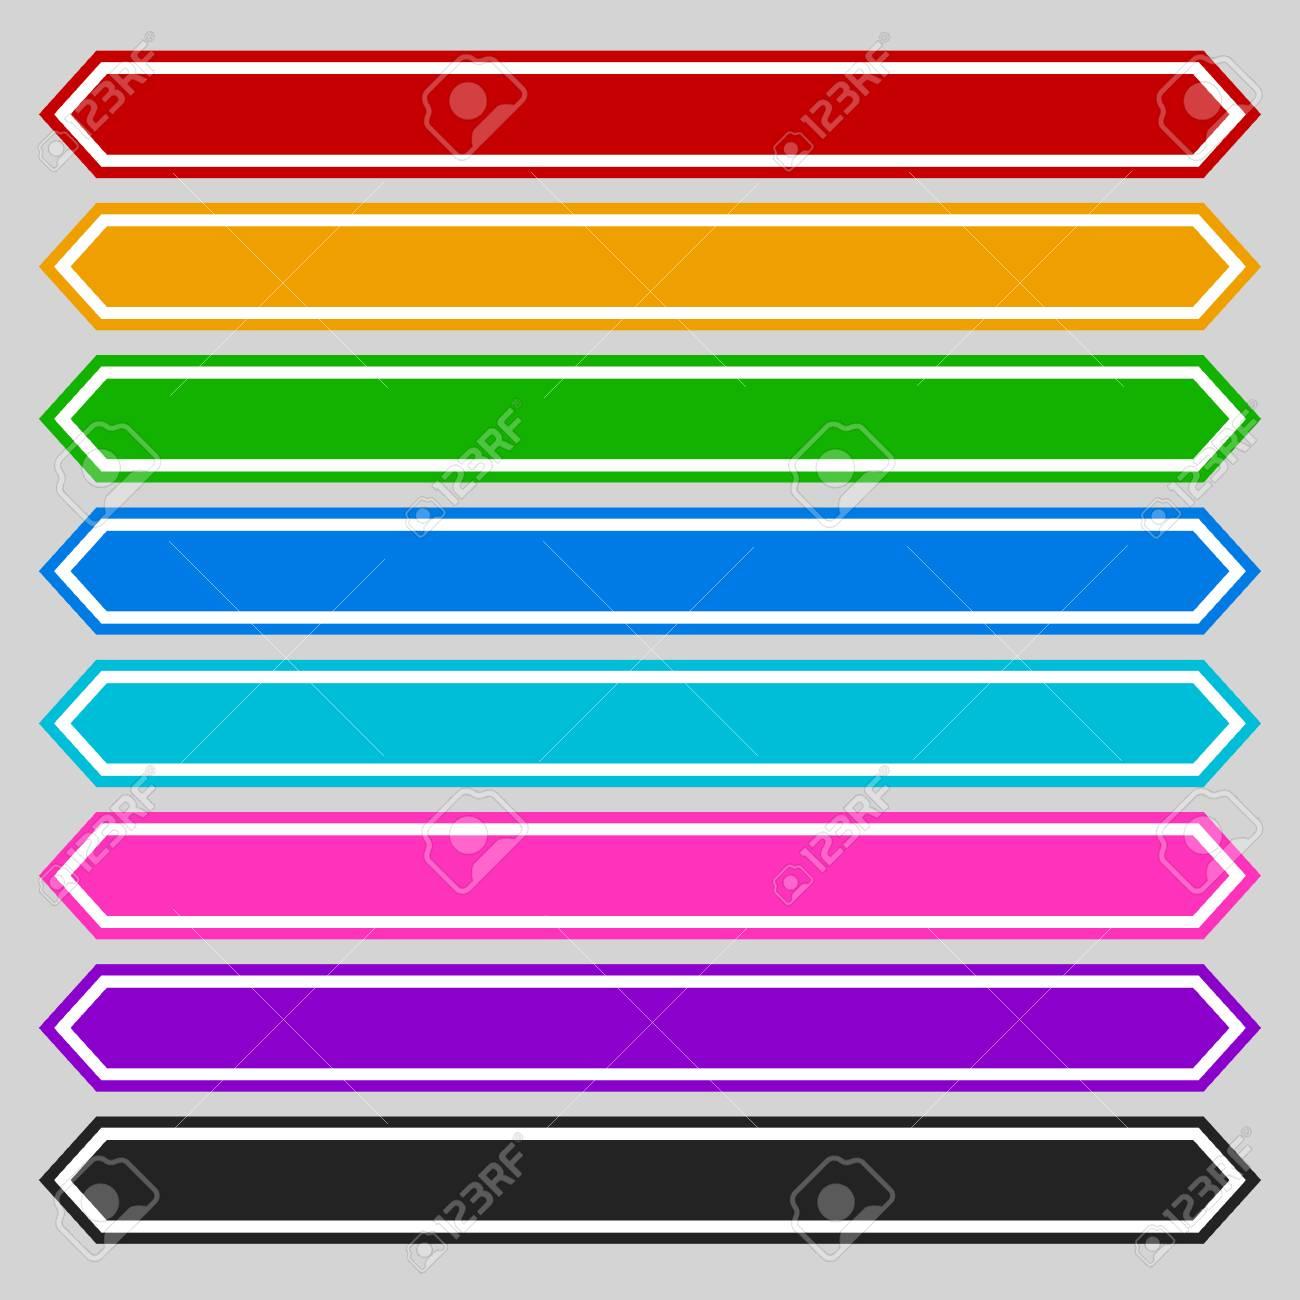 8 Botón Octogonal Del Color / Forma De La Bandera. Colorido Botón ...